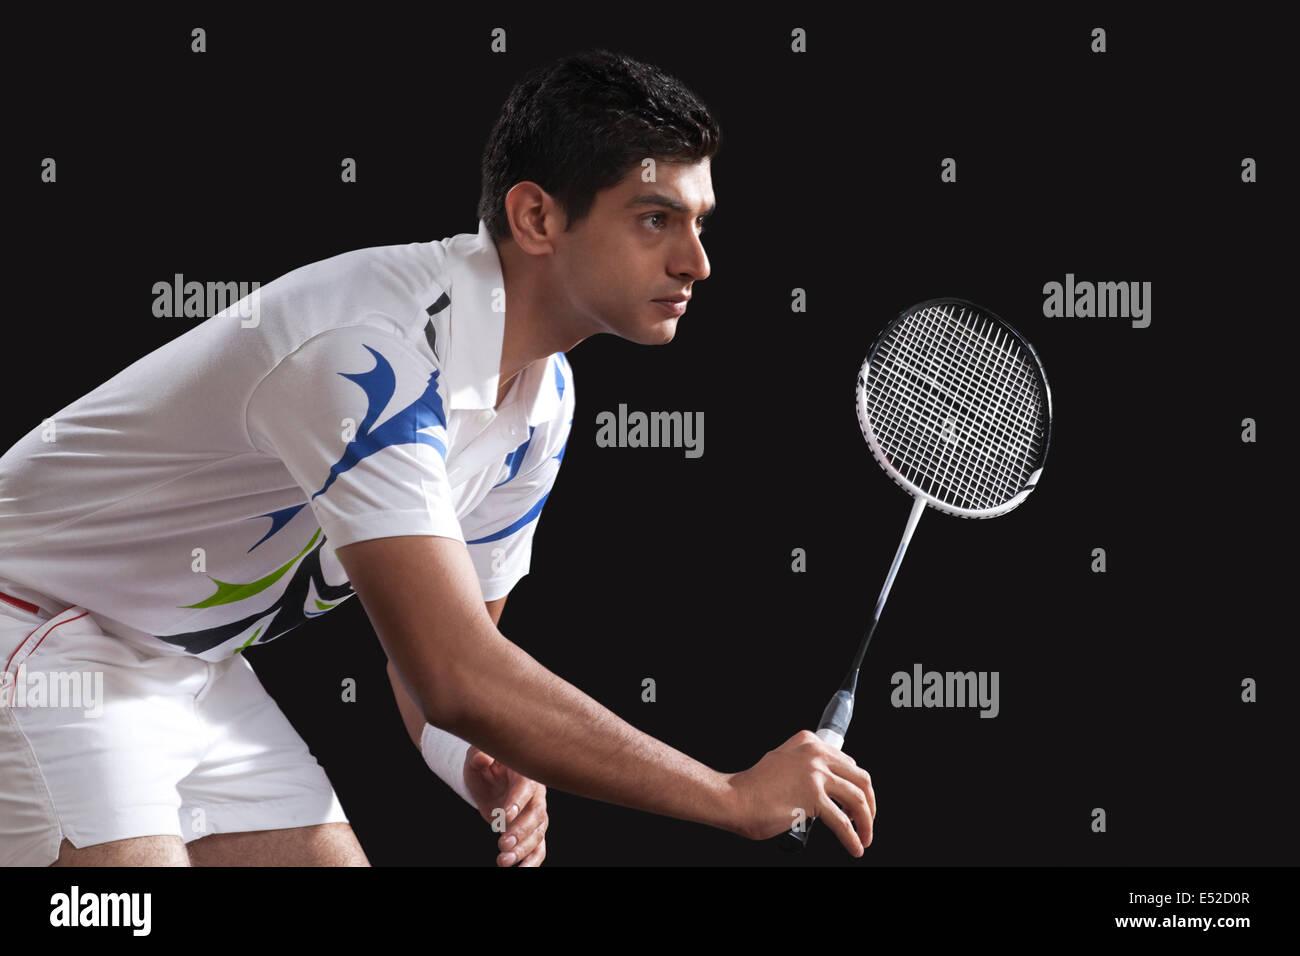 Giovane maschio player con riproduzione di racchetta badminton isolate su sfondo nero Immagini Stock